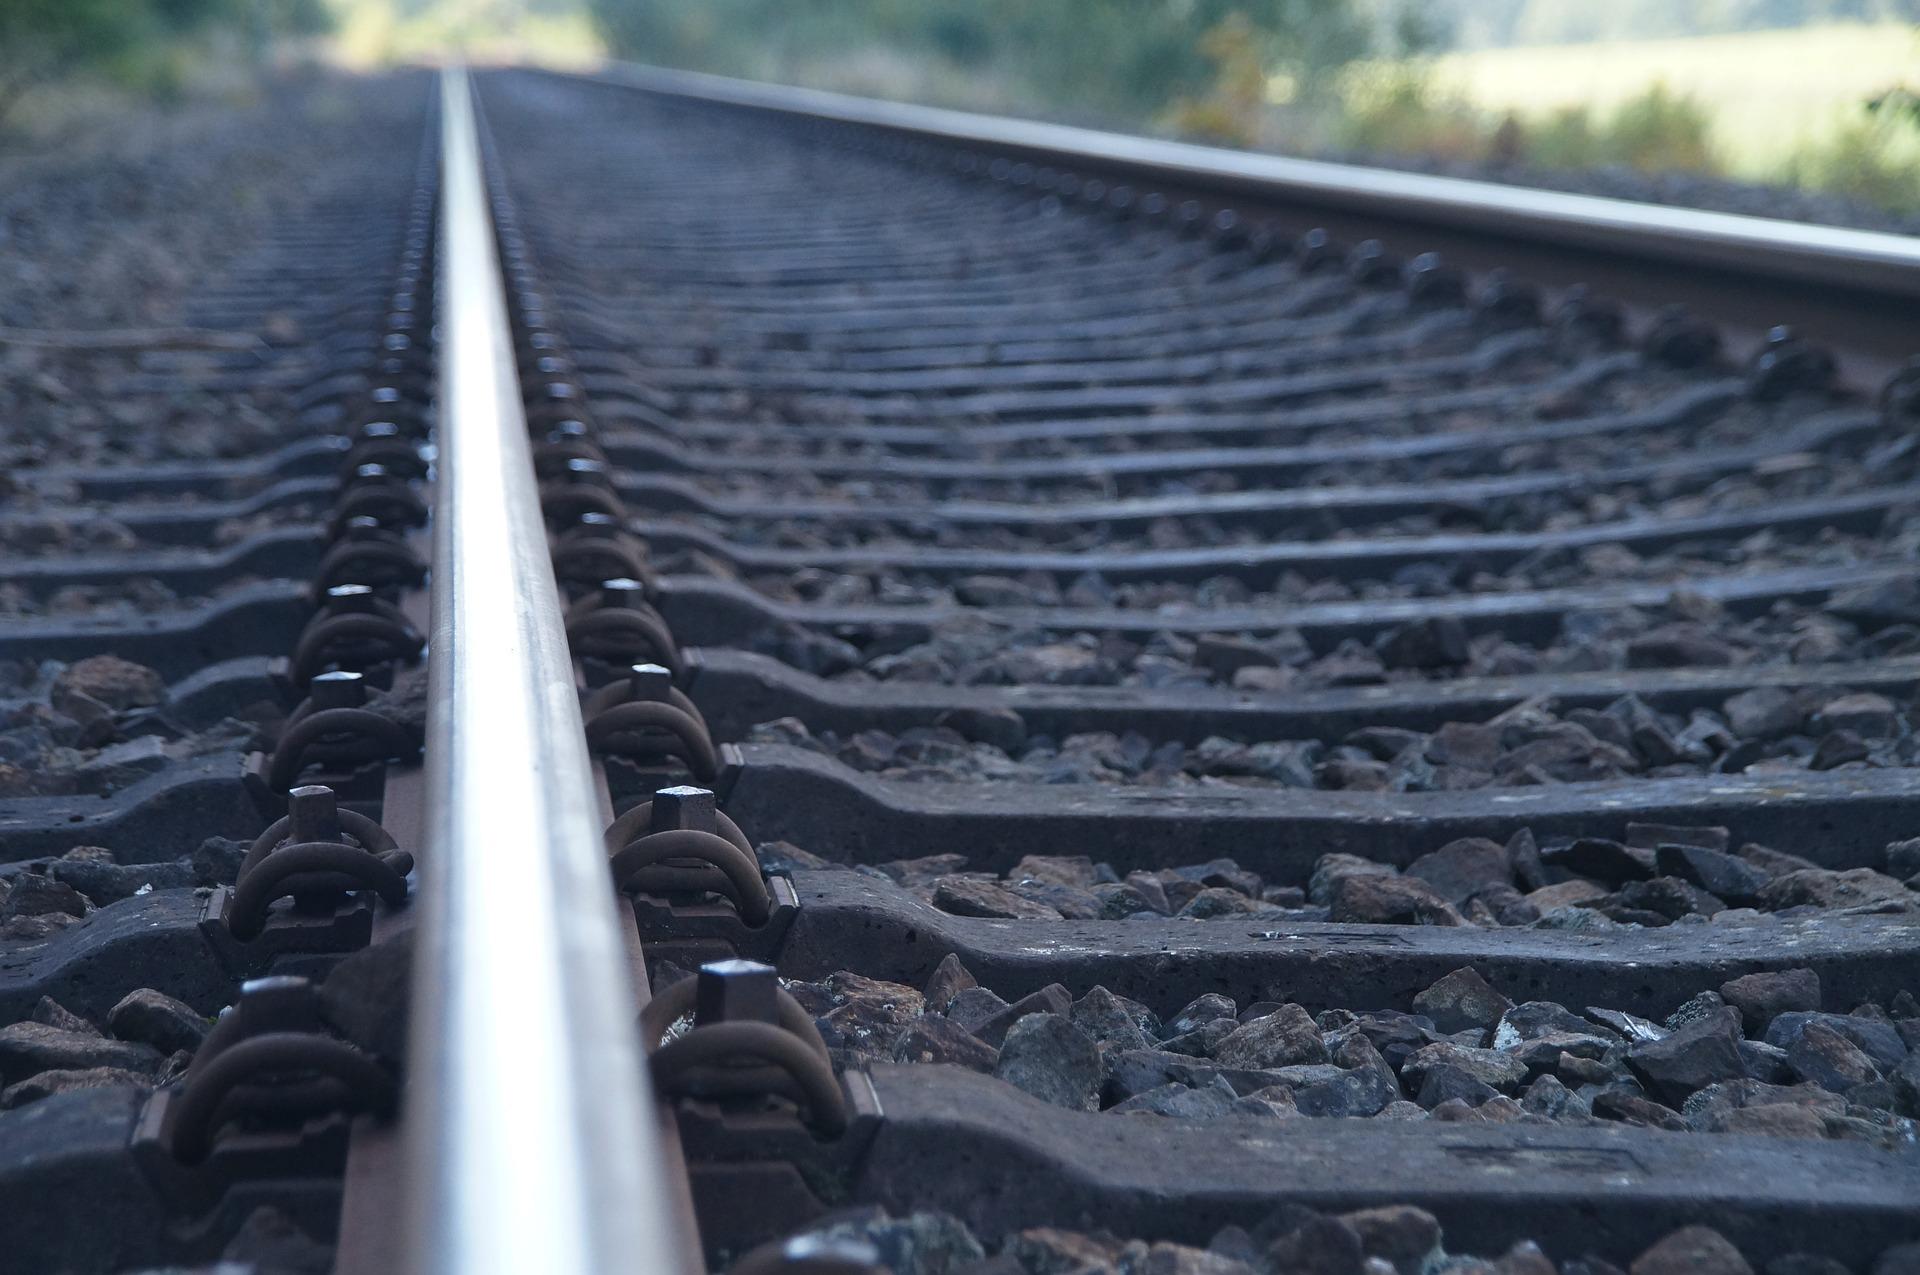 Wykolejony pociąg w Turcji. Zakończyła się akcja ratunkowa. Nie żyją 24 osoby